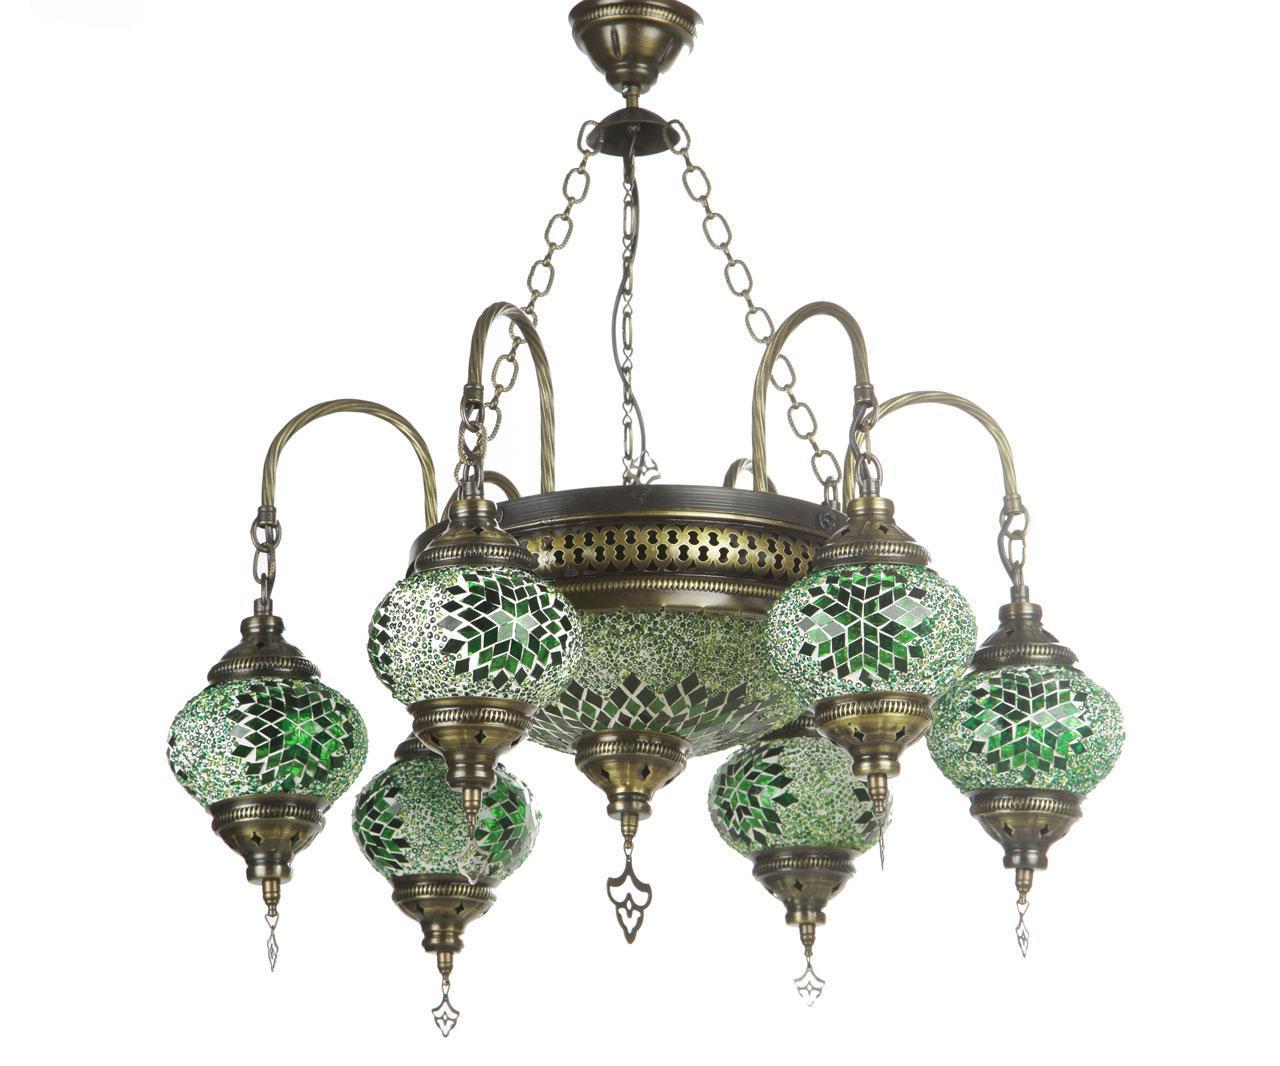 Подвесная люстра Kink Light Марокко 0212-6,07 kink light подвесная люстра kink light марокко 0215т 6 05 70 w